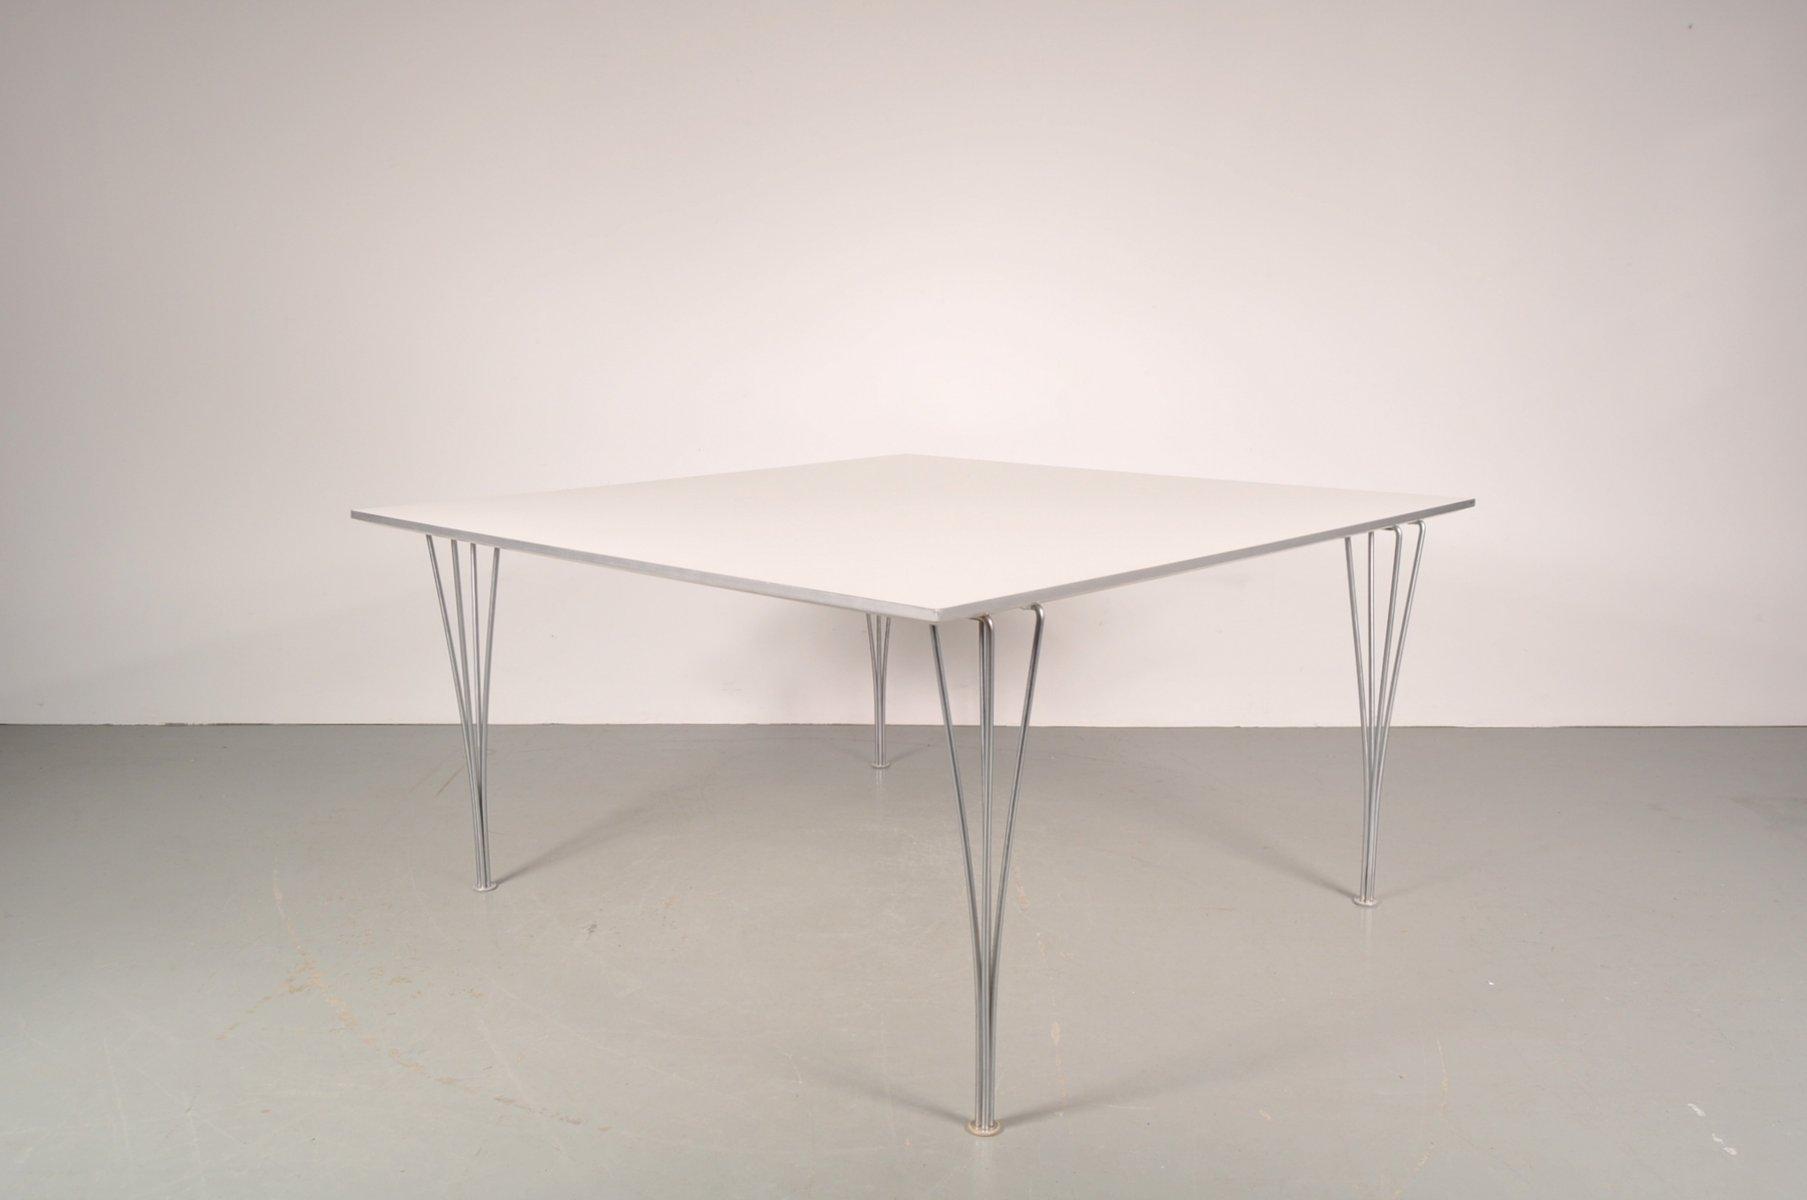 Large White Square Dining Table on Chrome Metal Legs from  : large white square dining table on chrome metal legs from fritz hansen 1960s 1 from www.pamono.com size 1807 x 1200 jpeg 48kB